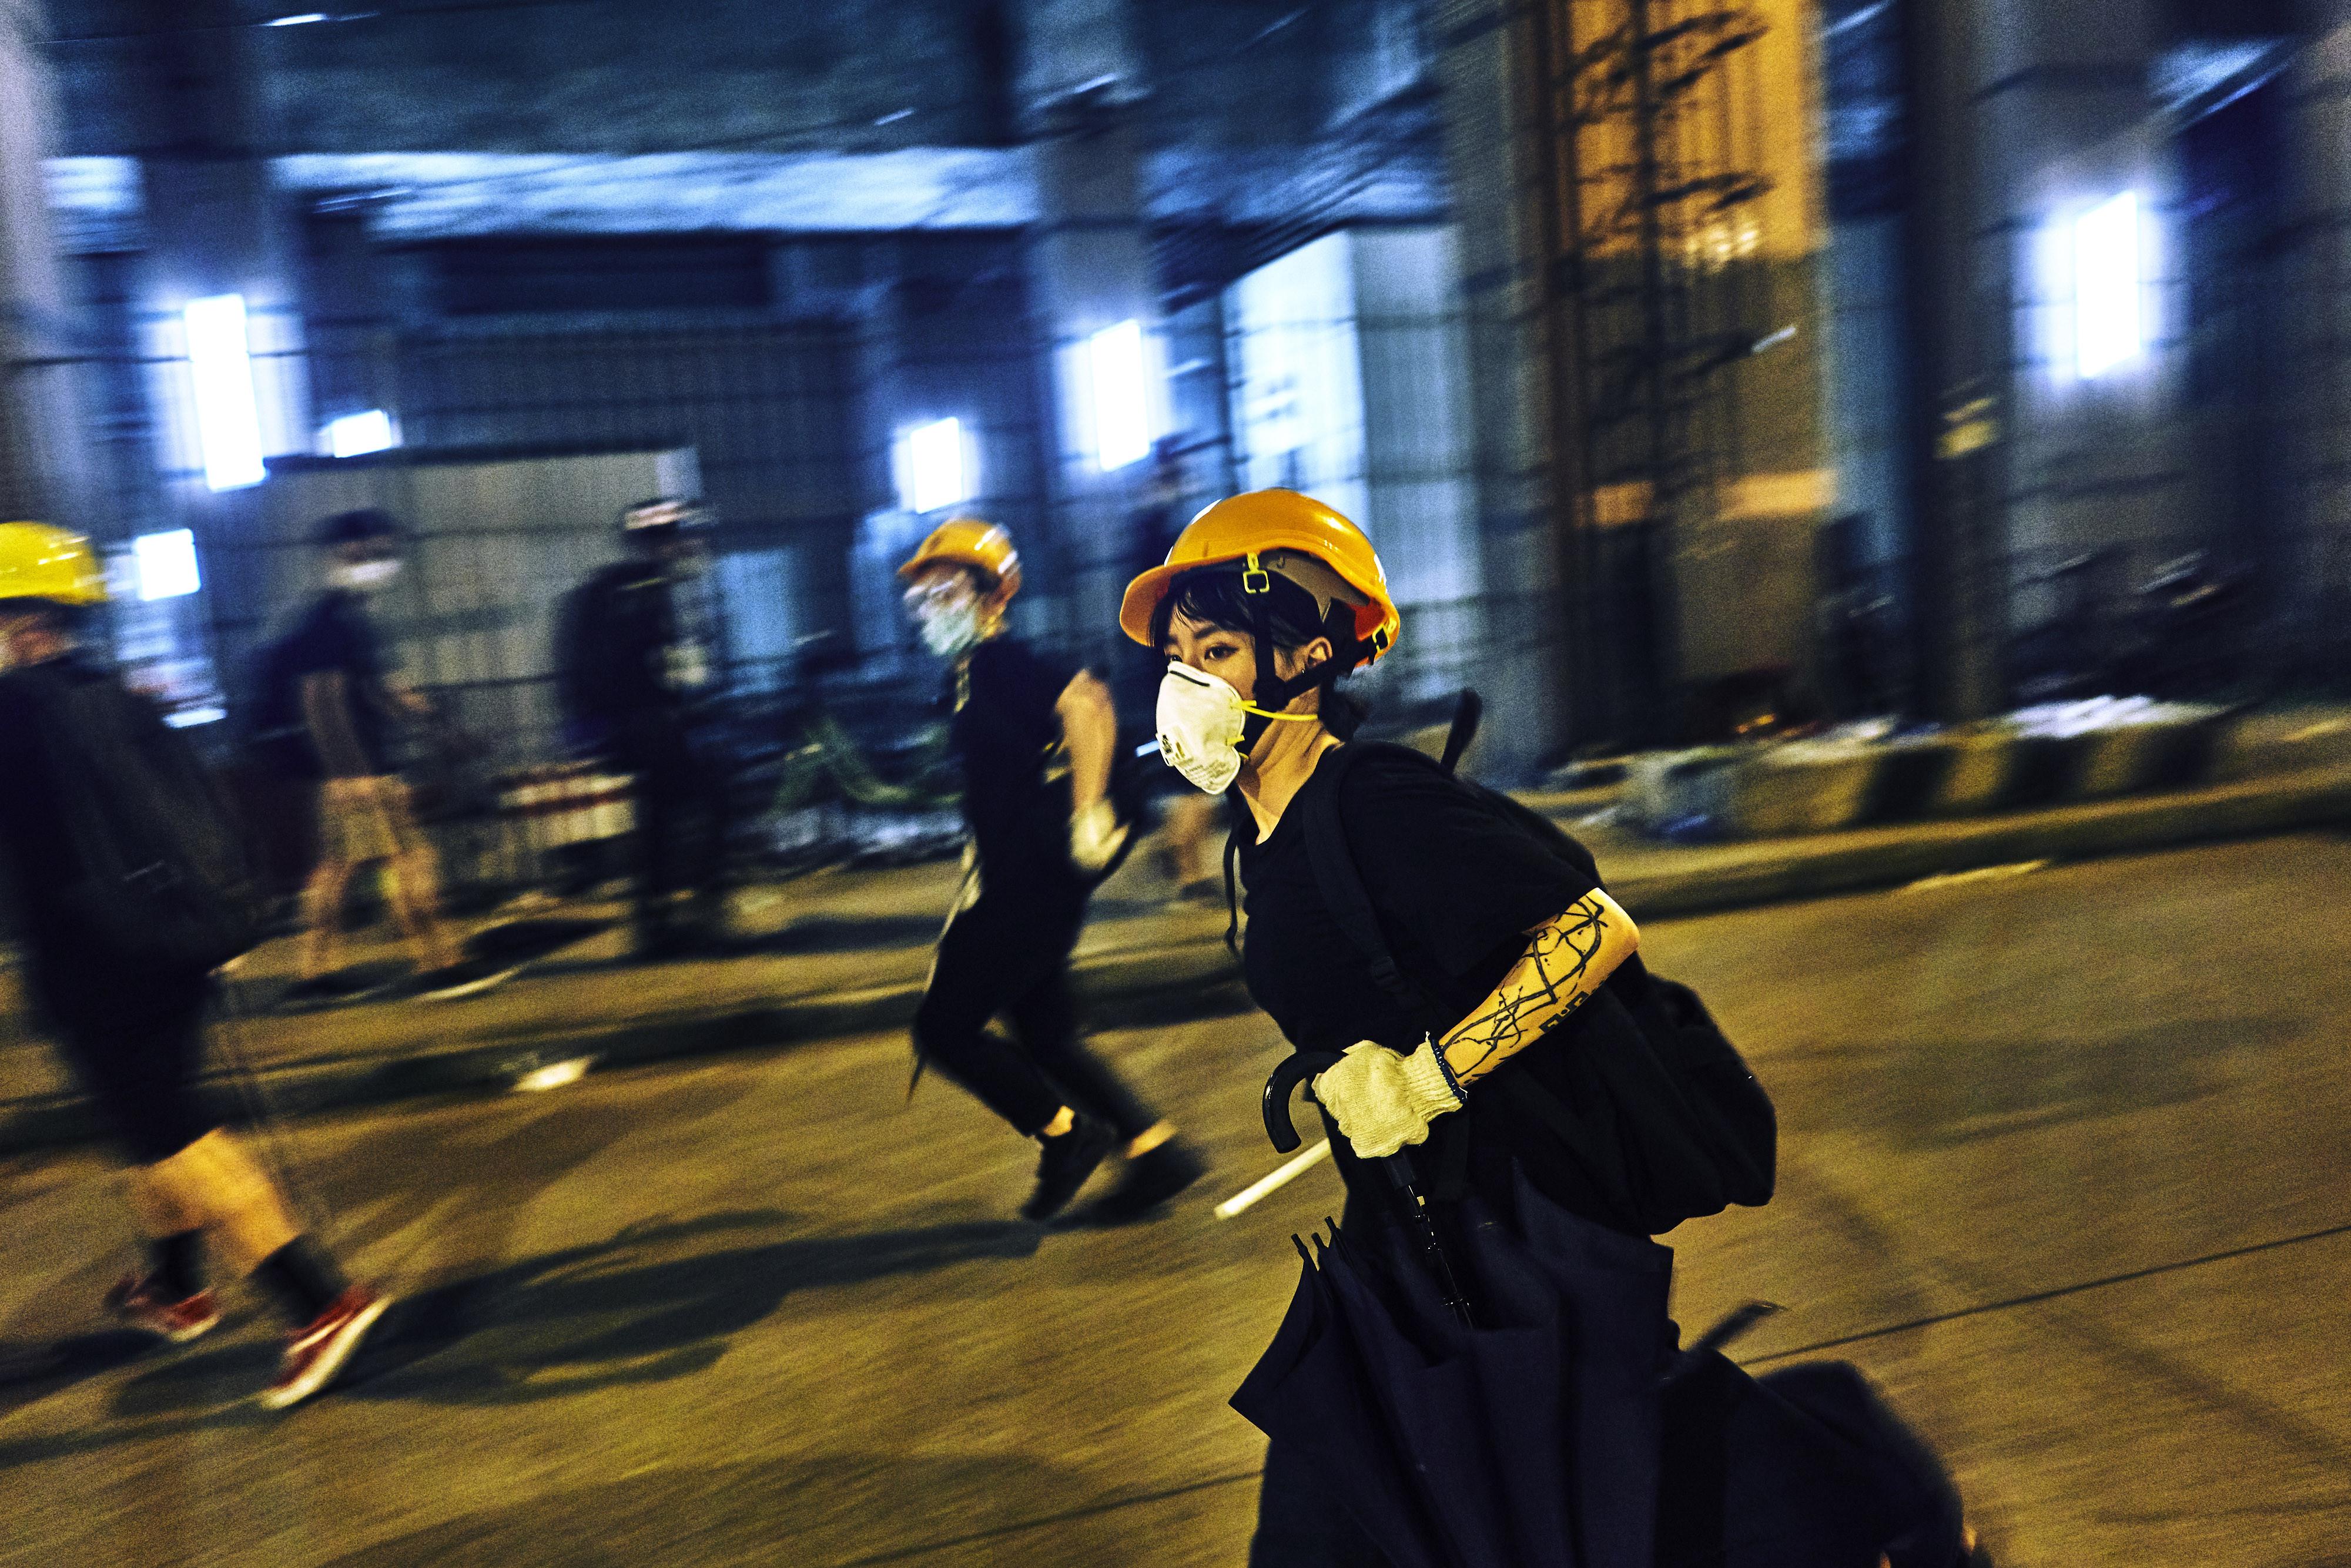 Ningún lugar a donde correr: un manifestante no identificado se apresura a salir de Yuen Long, el suburbio donde Alice fue testigo de varios enfrentamientos.